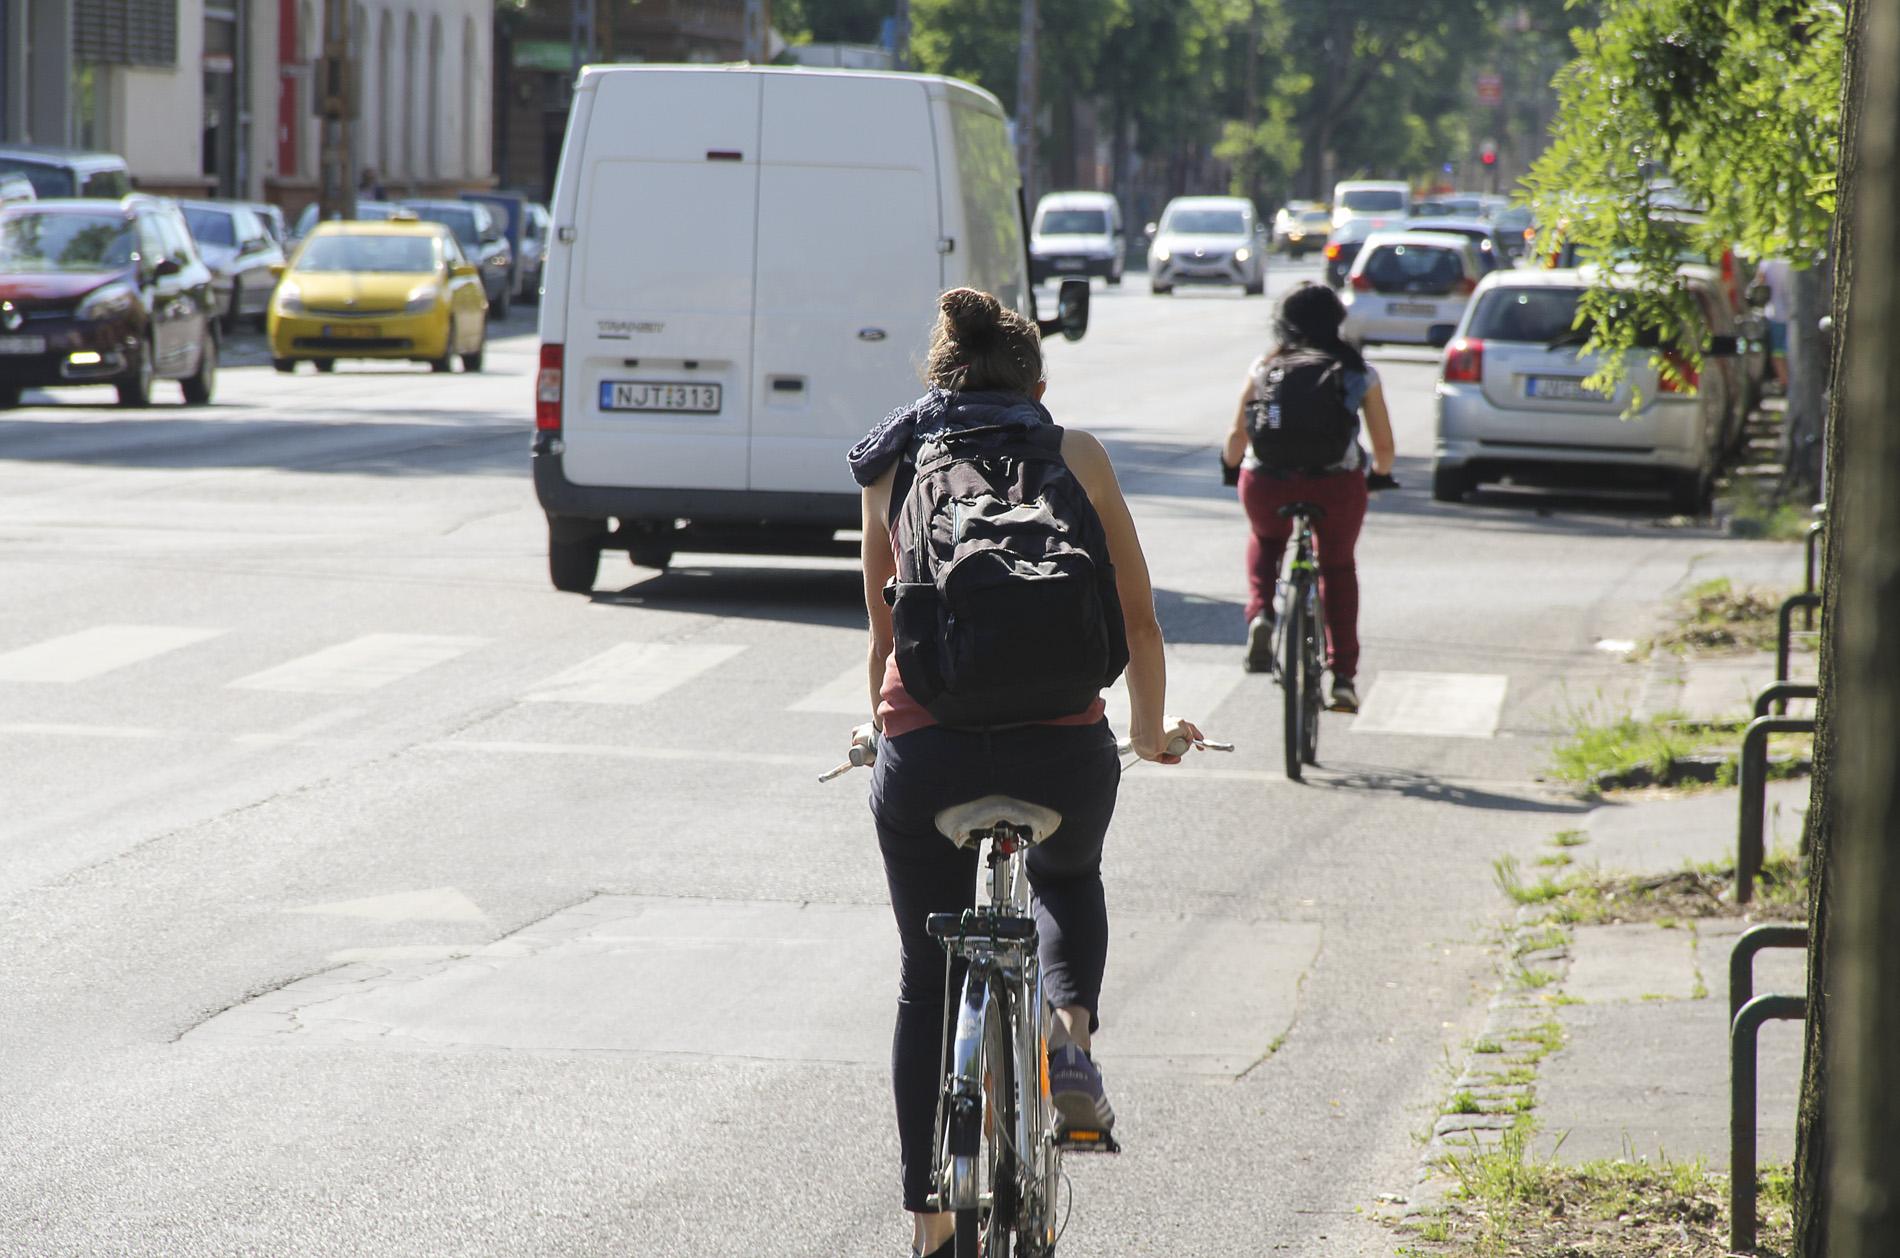 Egy új kutatás szerint a kerékpározók nem tartják fel az autóvezetőket